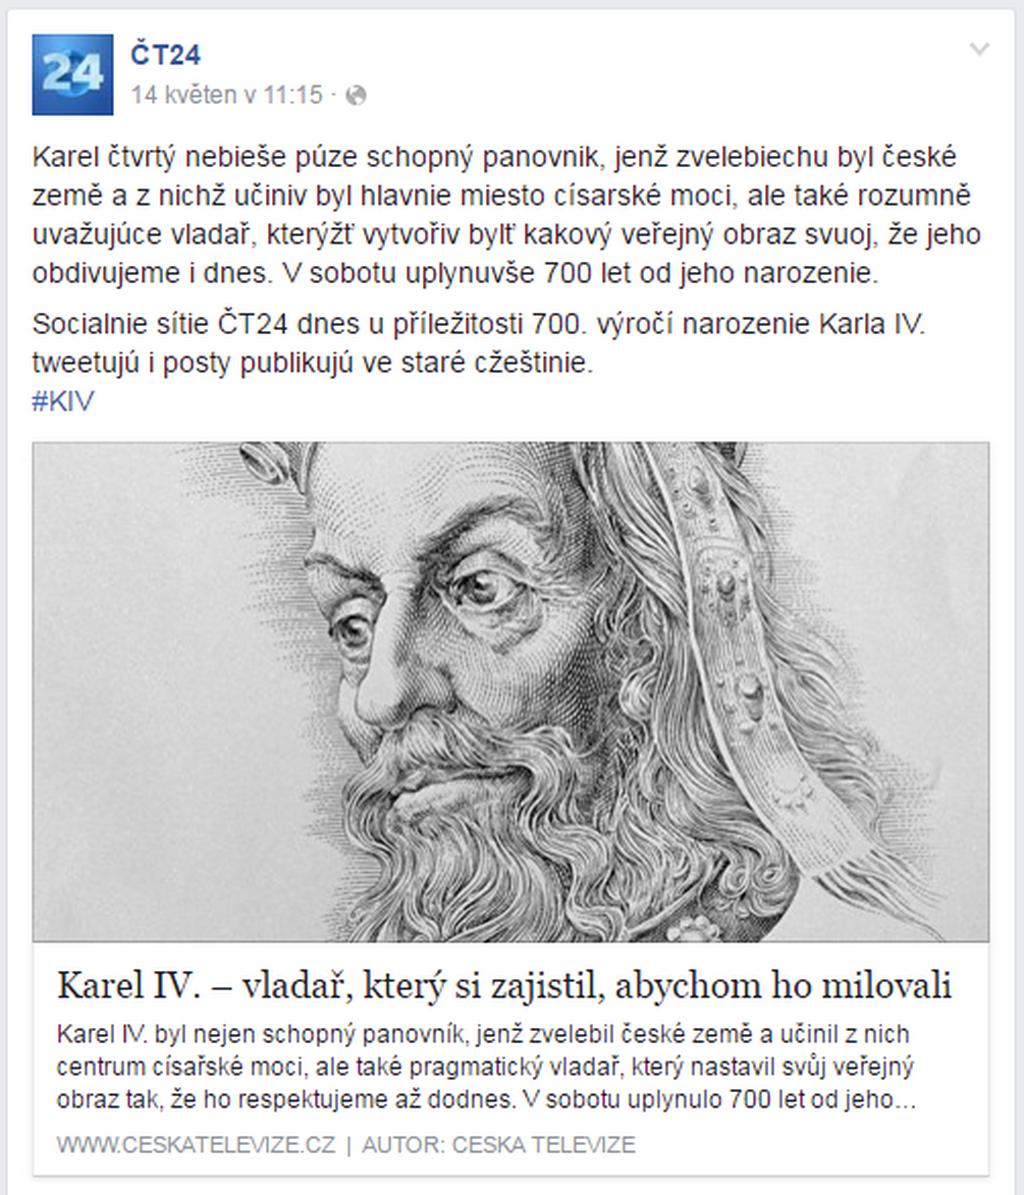 Facebooková stránka ČT24 se oblékla do staročeštiny